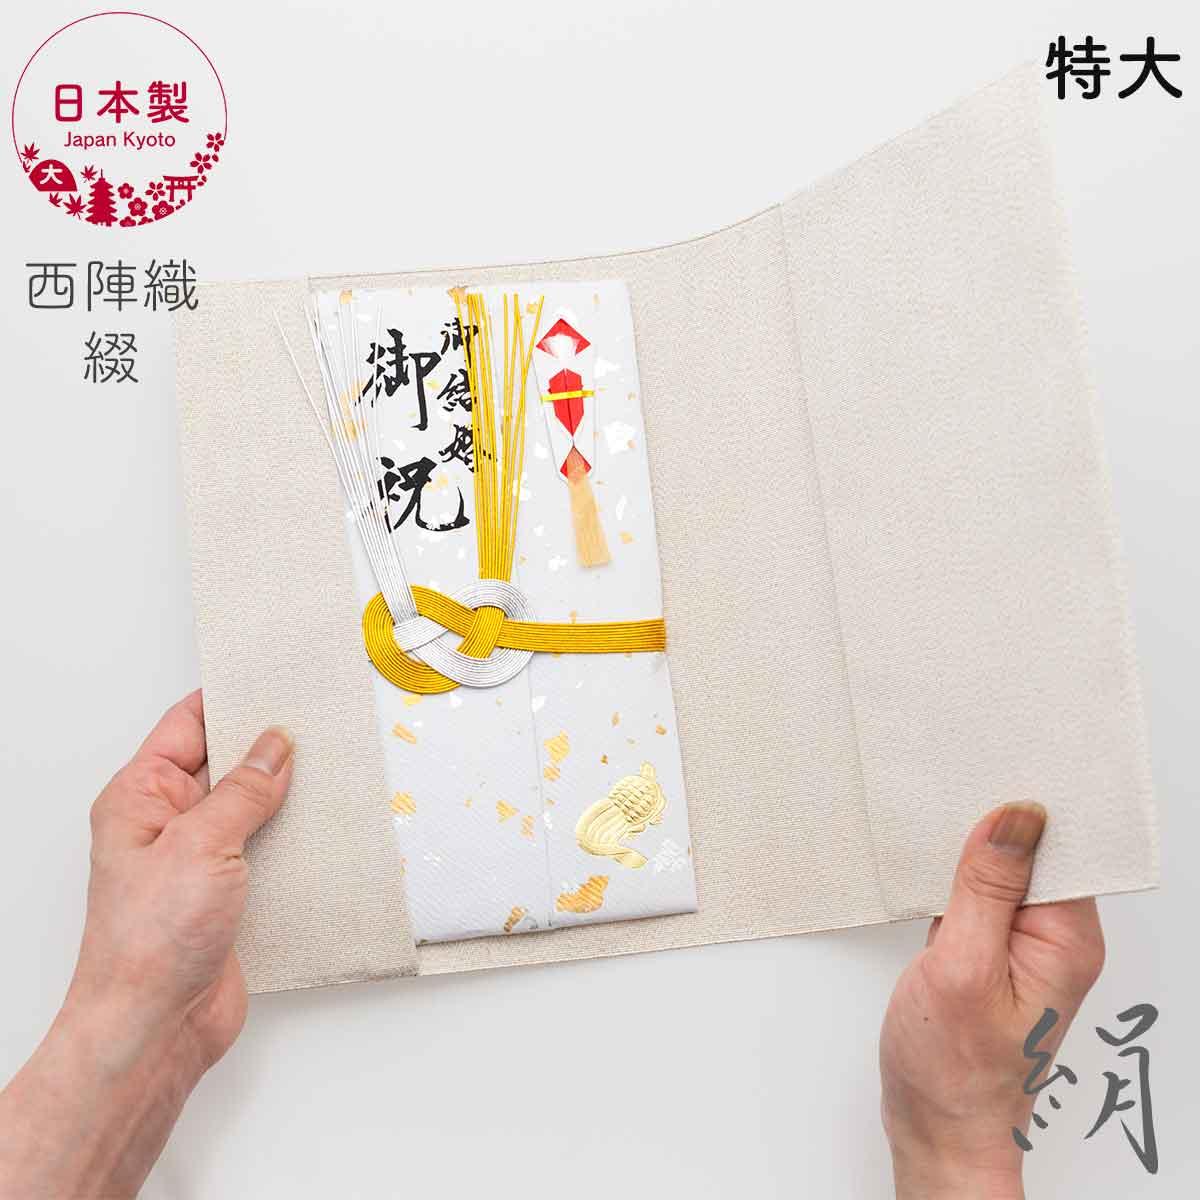 特大 ふくさ 慶事用 袱紗 日本製 西陣織 綴 絹100% 金封ふくさ 男性 女性 金砂子LL